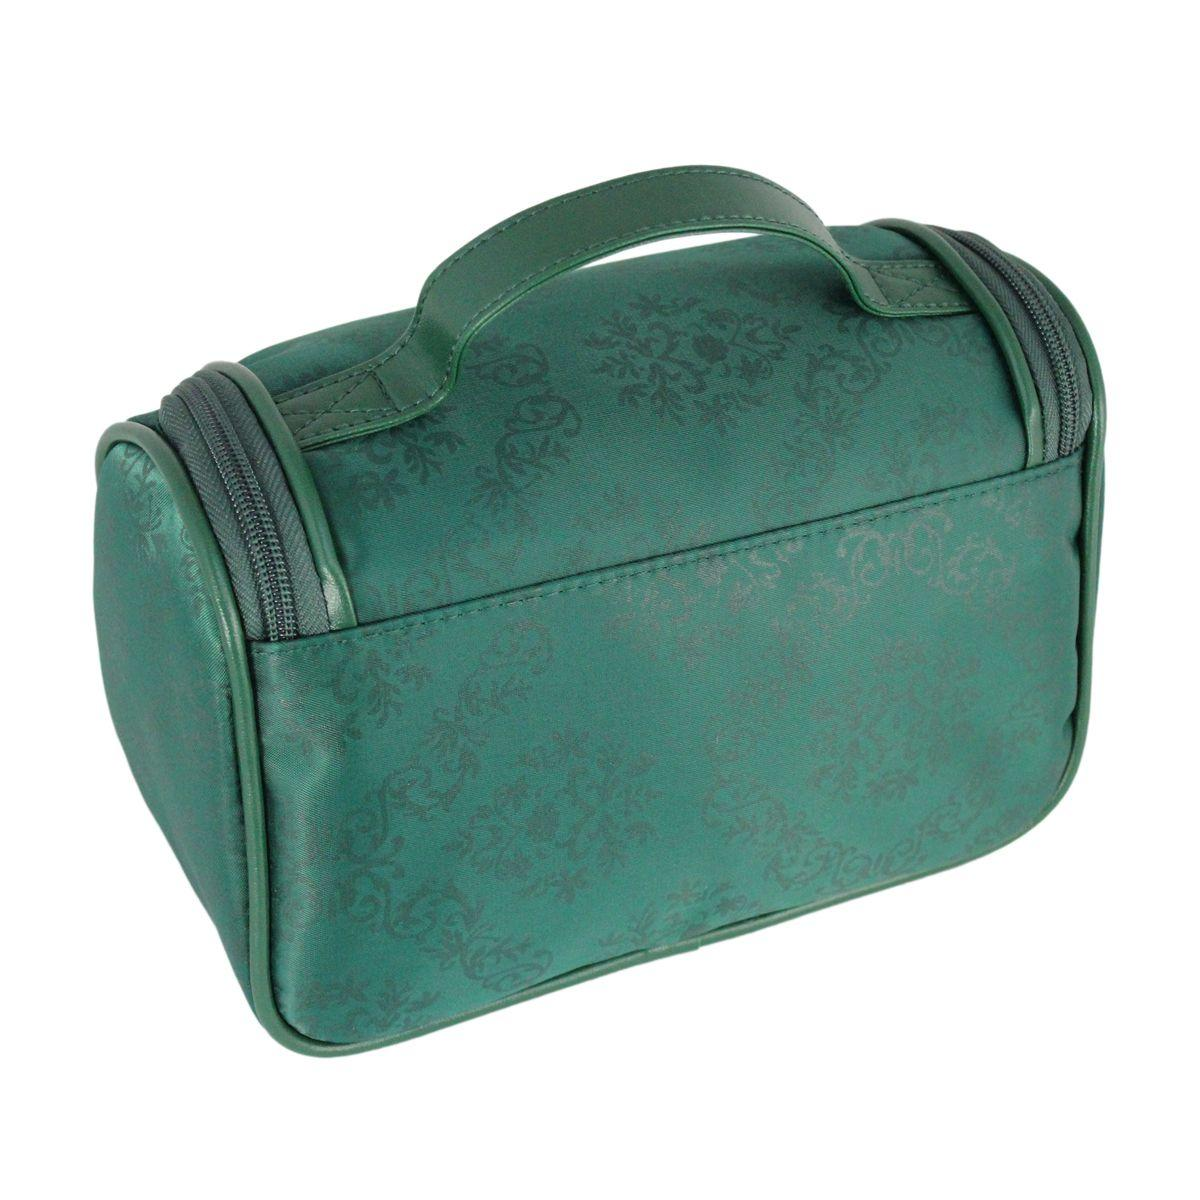 6e86fa949 Bolsinha necessaire com gancho viagem academia estampa damasco jacki design  verde R$ 46,85 à vista. Adicionar à sacola